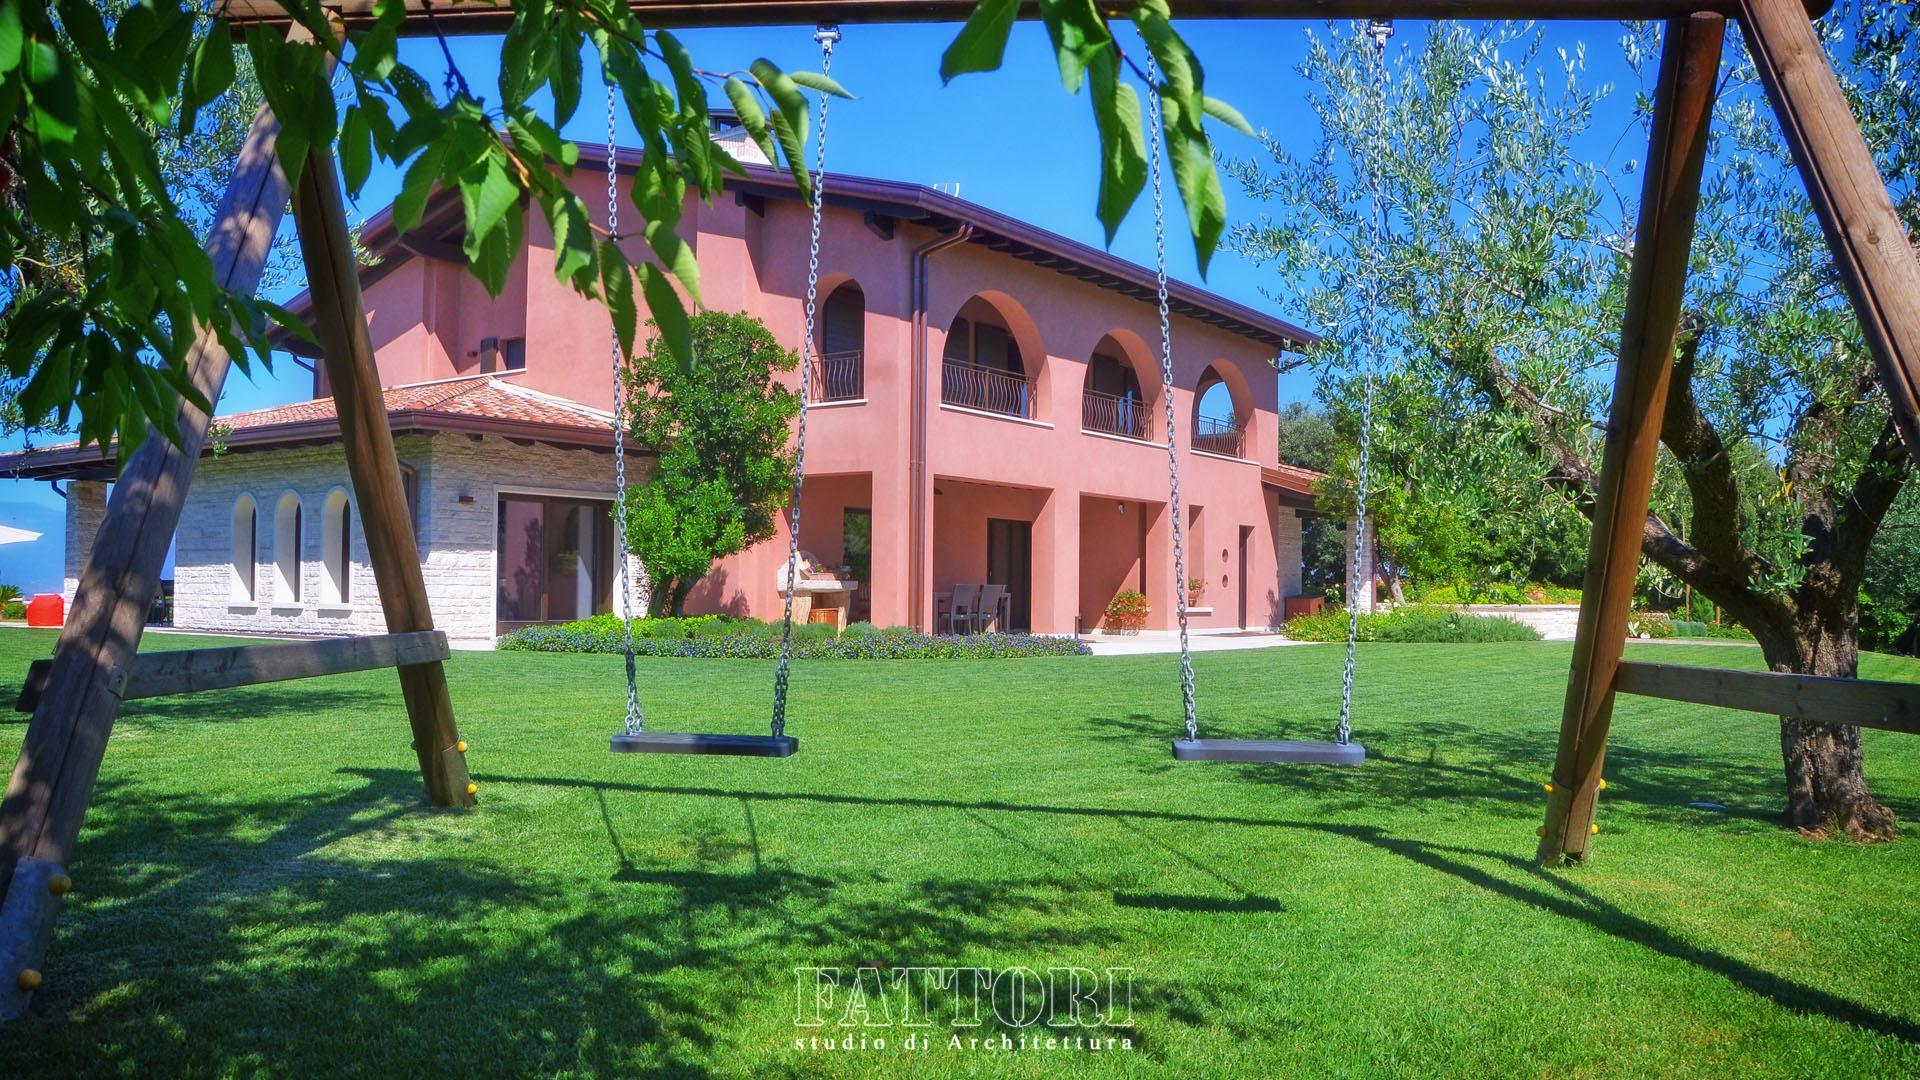 Studio di Architettura Fattori Fausto_progettazione ville residenziali_5